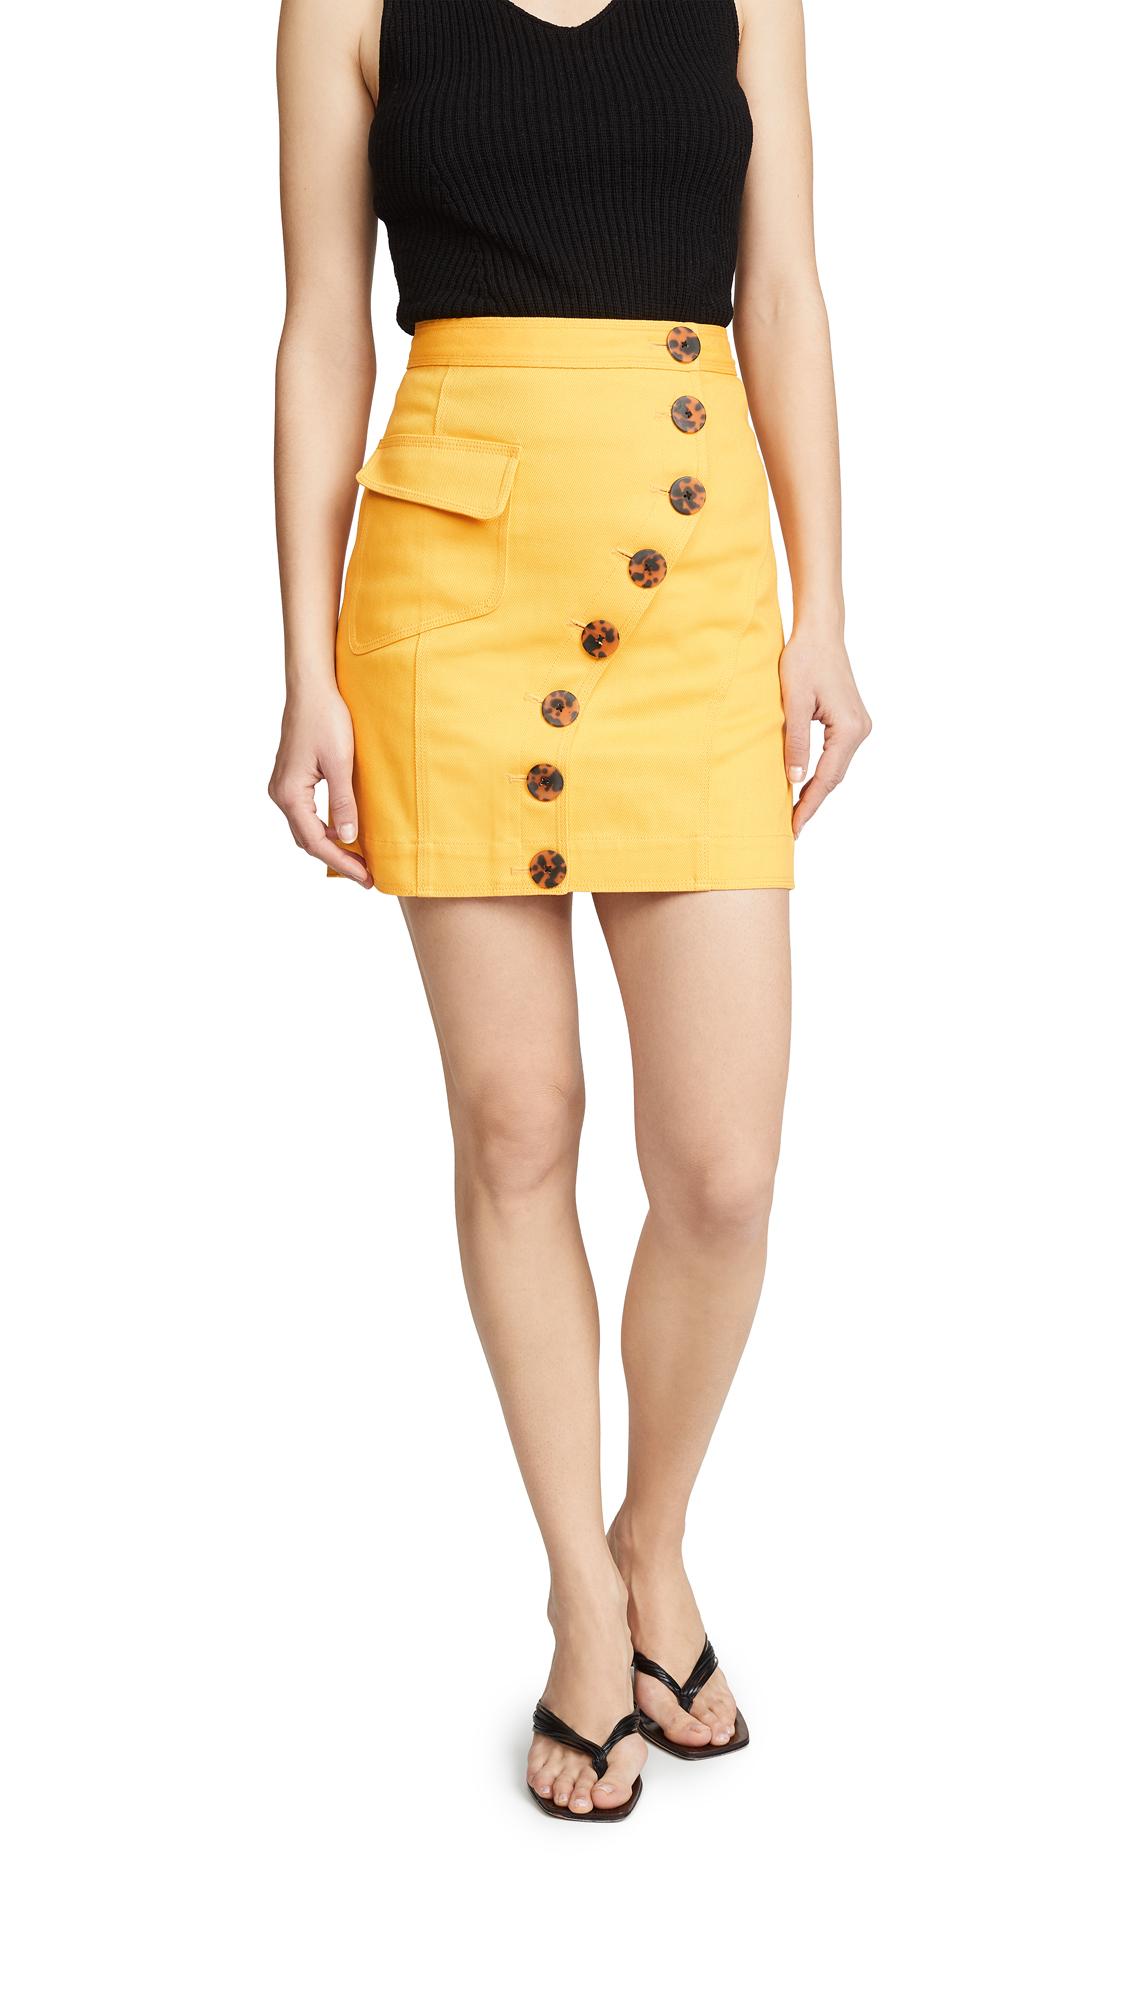 Acler Golding Denim Skirt - Marigold